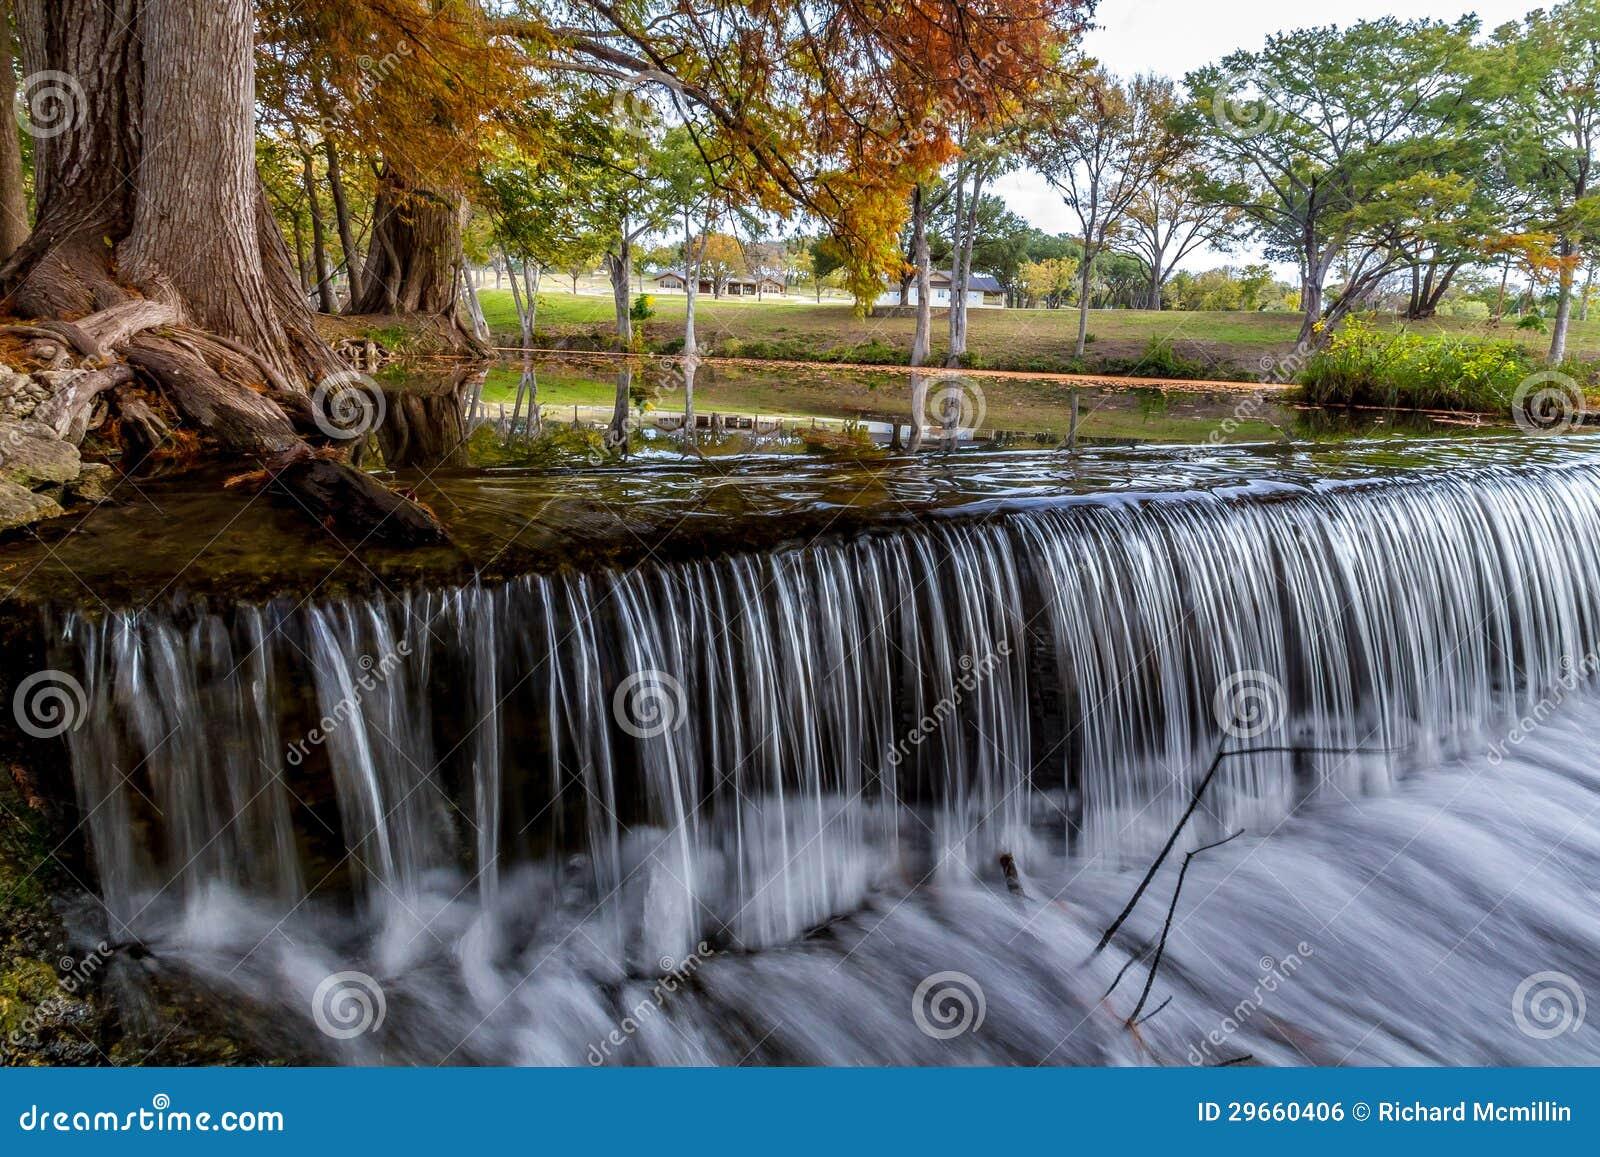 Schöner träumerischer flüssiger Vorhang-Wasserfall nahe Zypern-Bäumen im Texas-Hügel-Land.